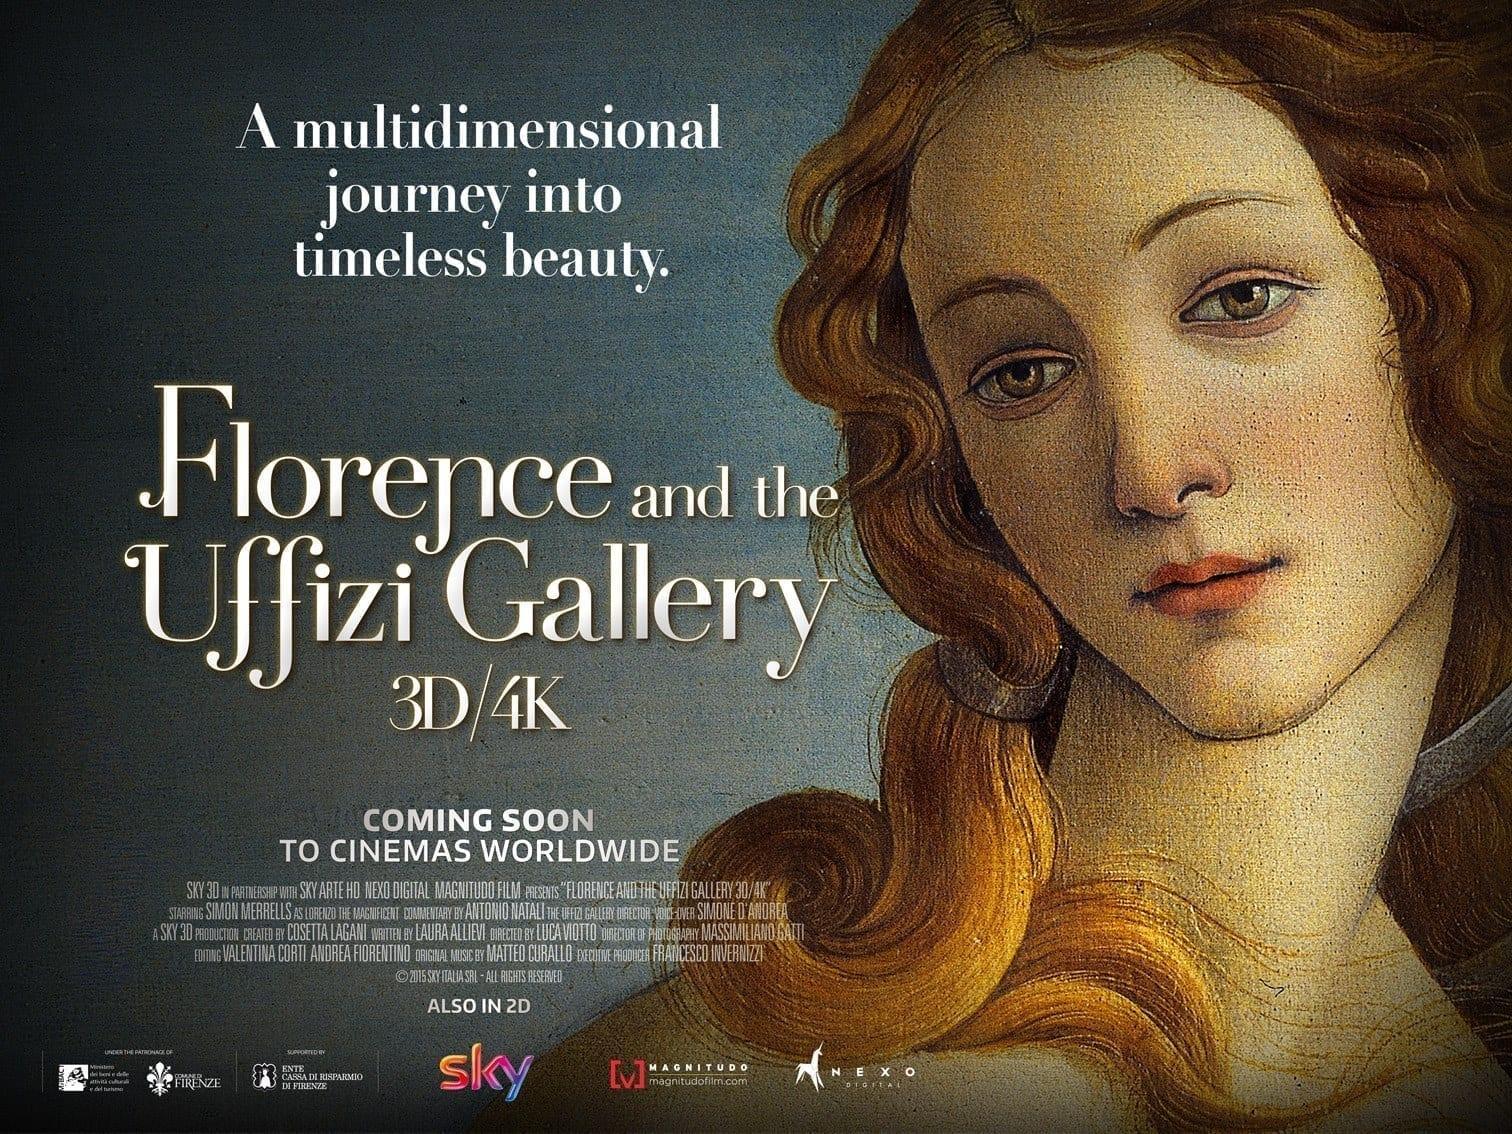 uffizi gallery 3d cinema